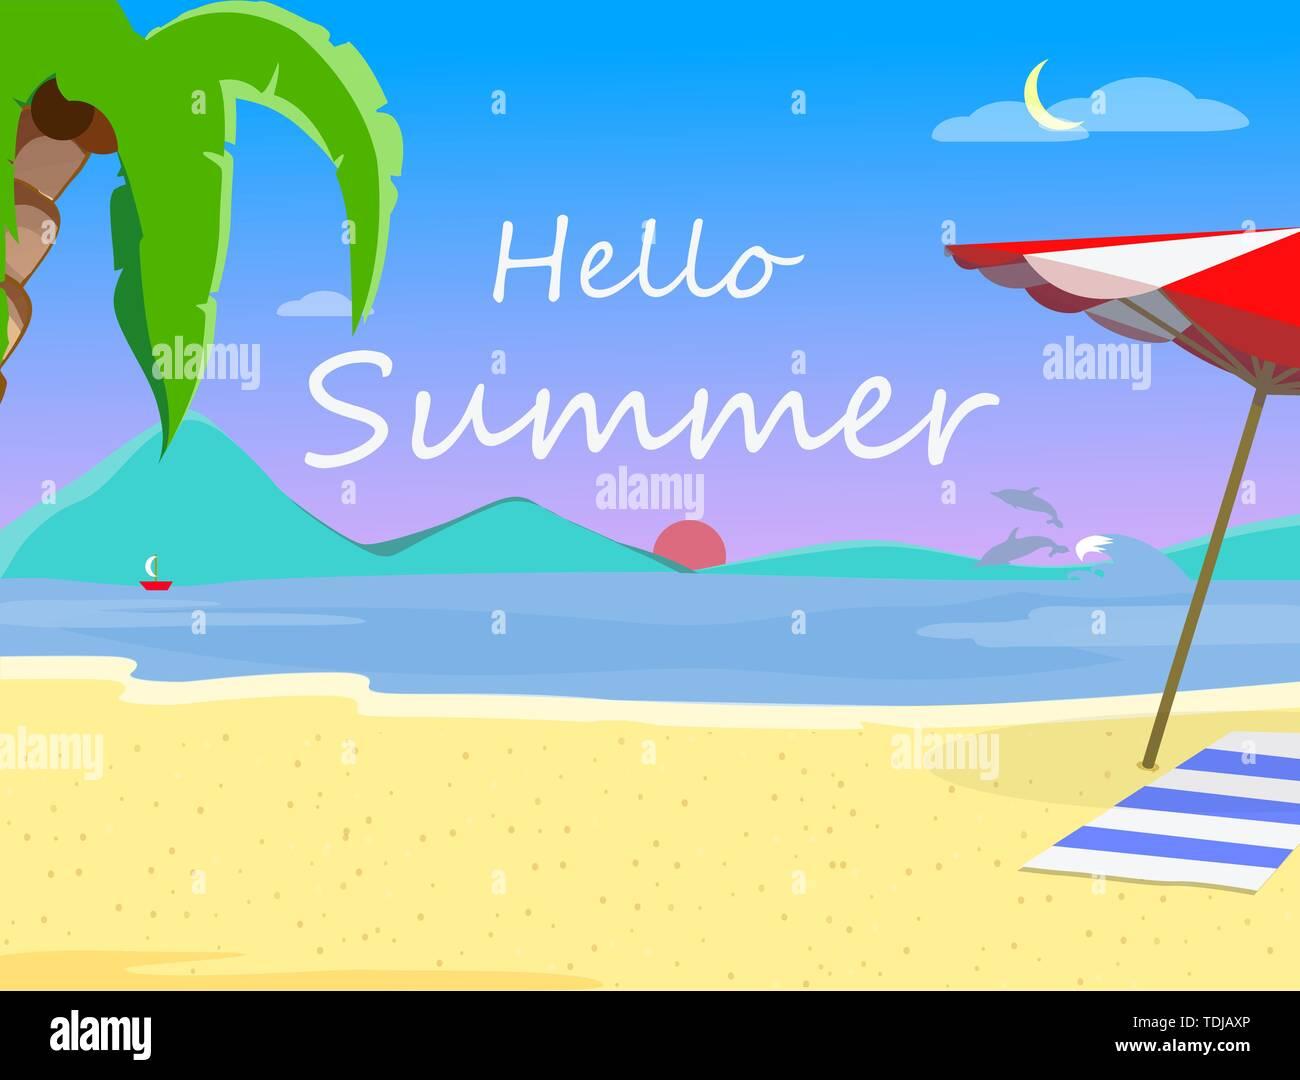 Strand Hintergrund mit Hallo Sommer Typografie, Abend oder Morgen Zeit, exotische Landschaft am Meer bei Sonnenuntergang, Sonnenaufgang, Resort Küste Meereslandschaft mit Palm Stockbild